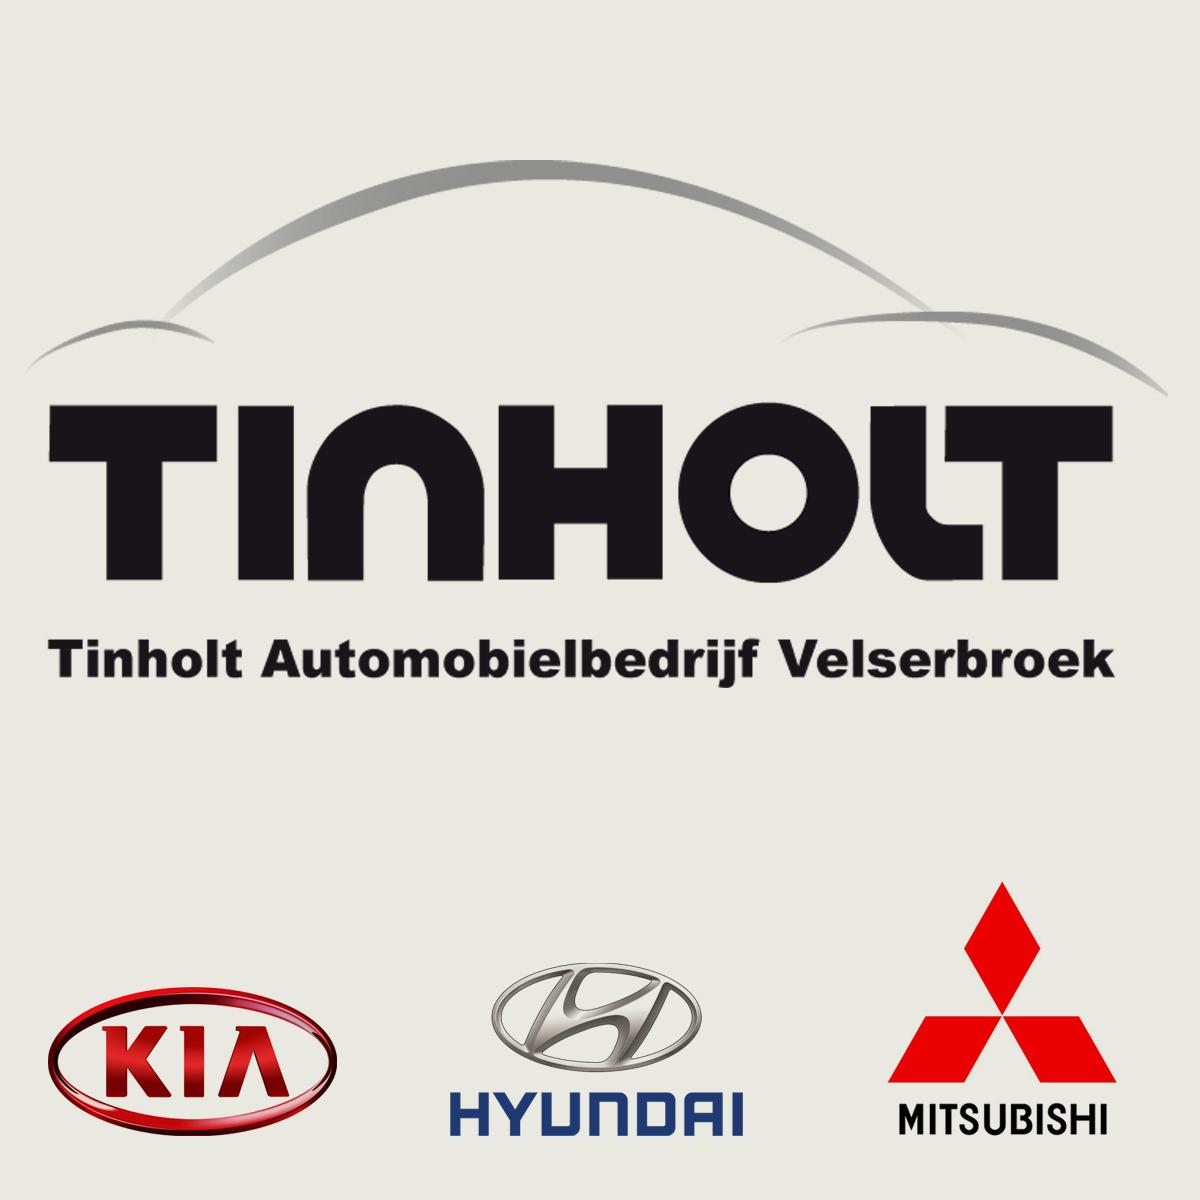 Tinholt